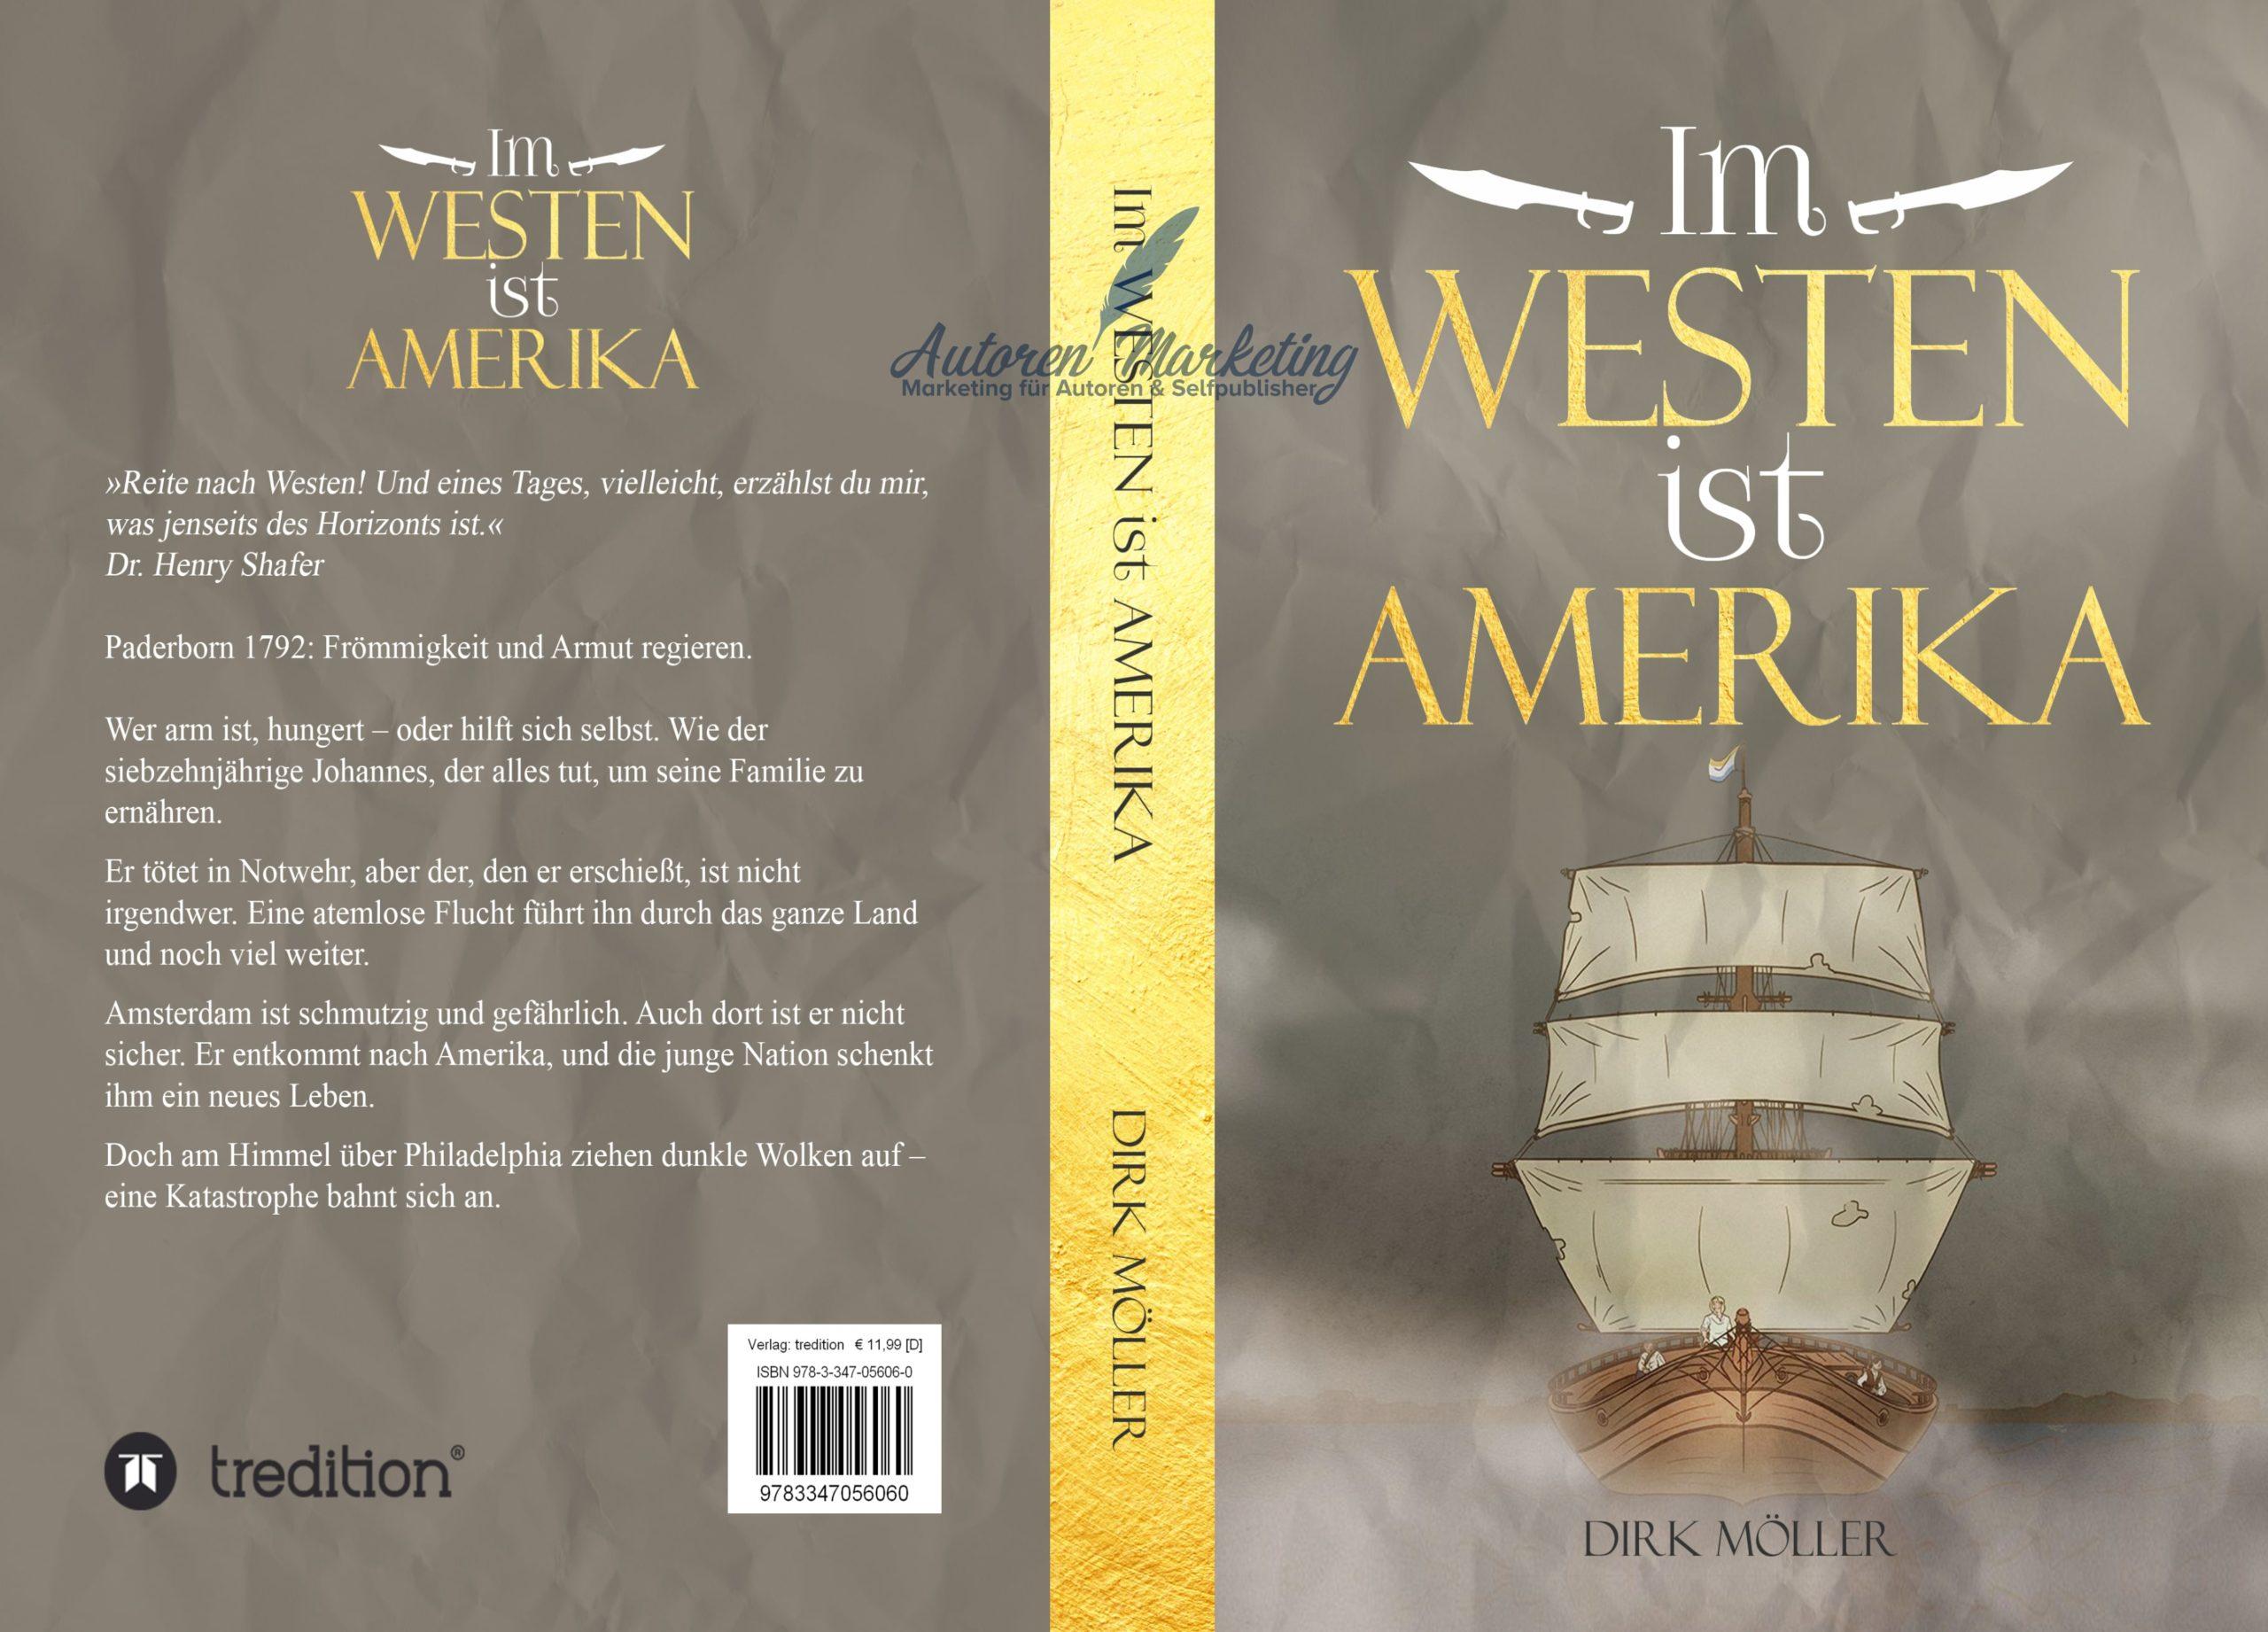 Taschenbuch Cover Design Im Westen ist Amerika